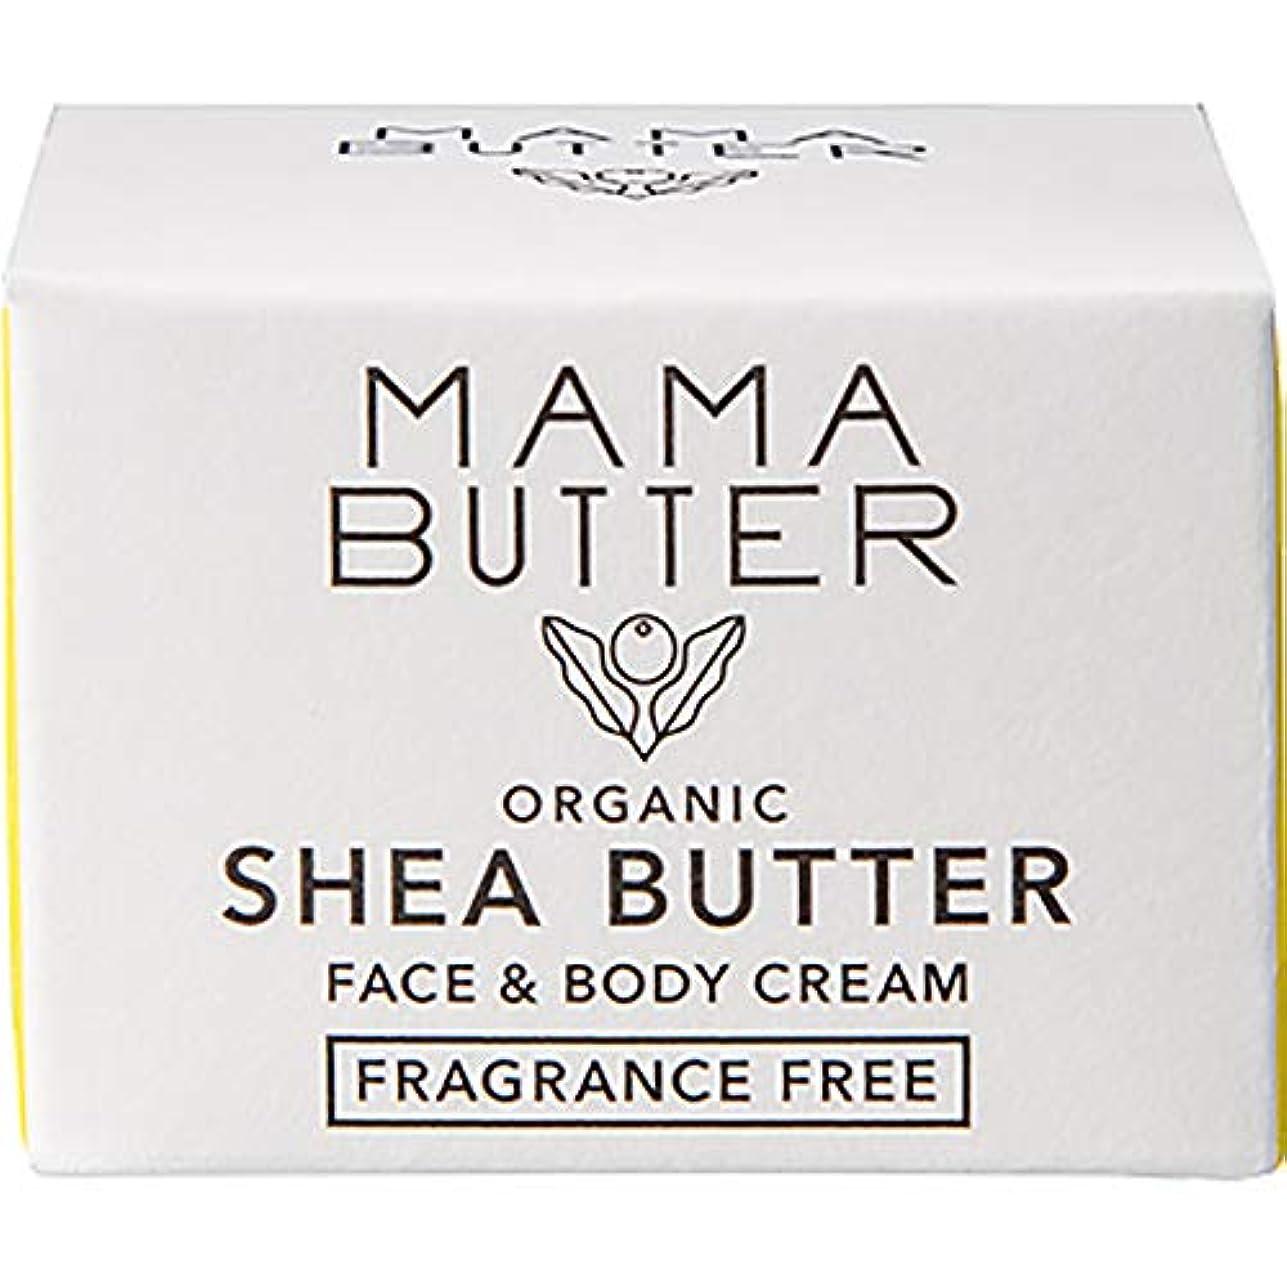 商品健康漂流MAMA BUTTER(ママバター) フェイス&ボディクリーム25g